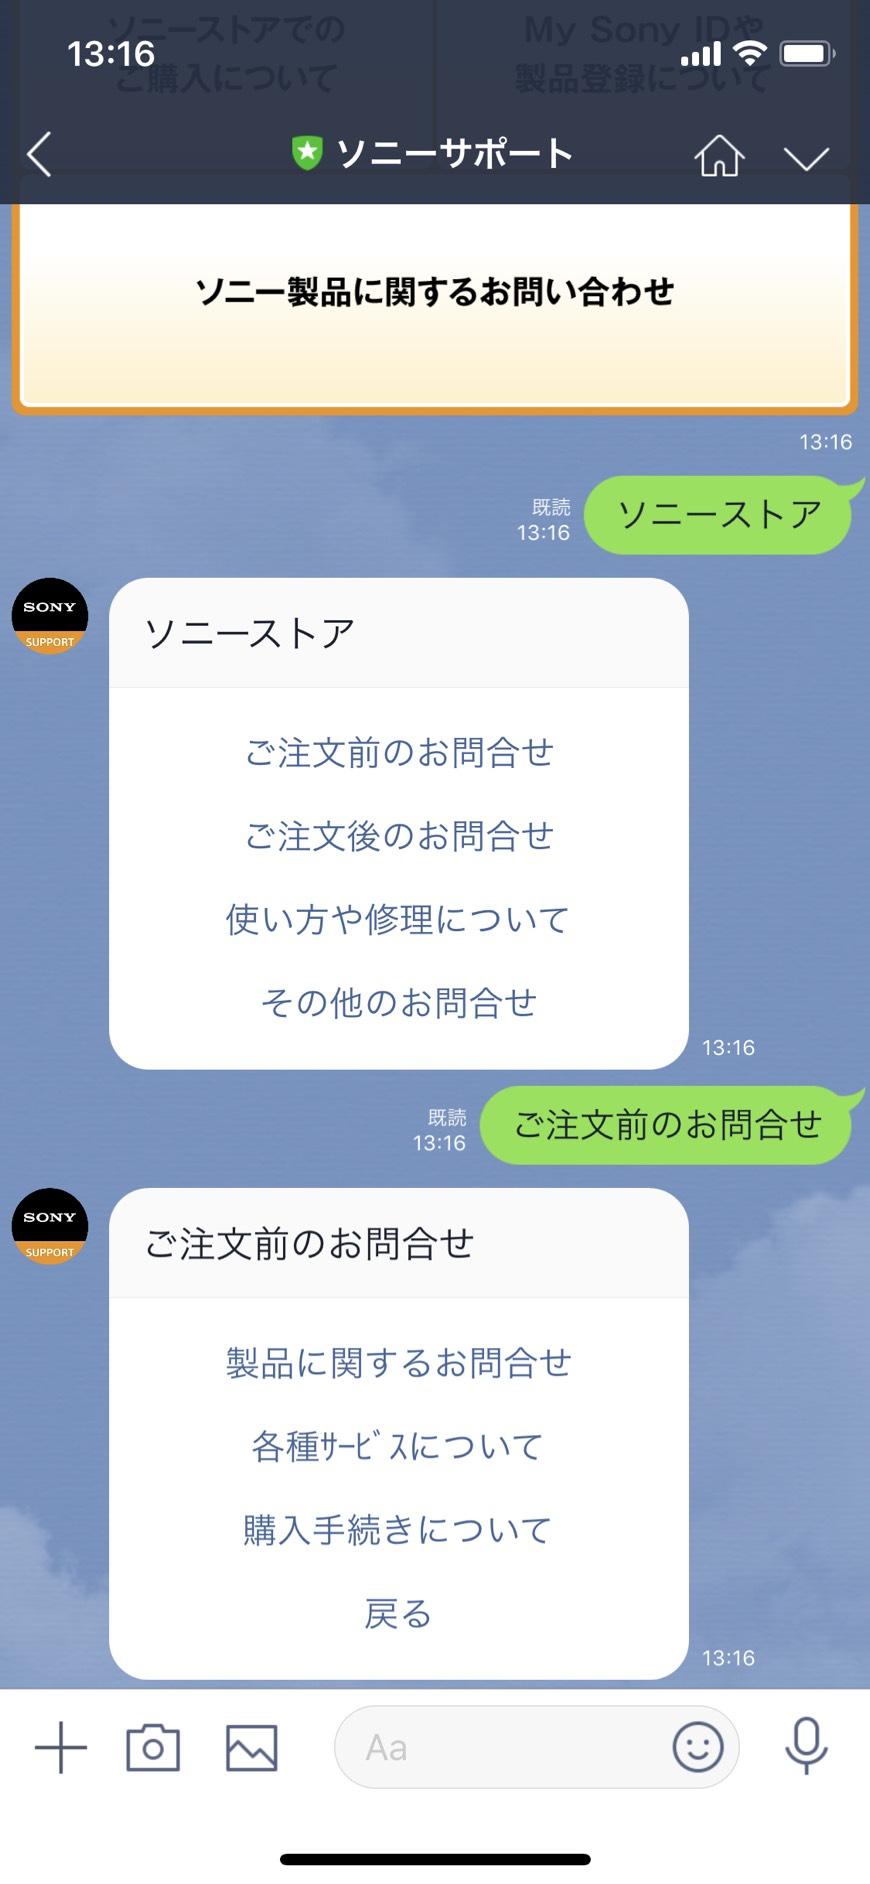 S  5136403 - 動画で学ぶLINEプロダクトローンチの始め方(田窪洋士)は危険!?DRMにおけるLINE活用術